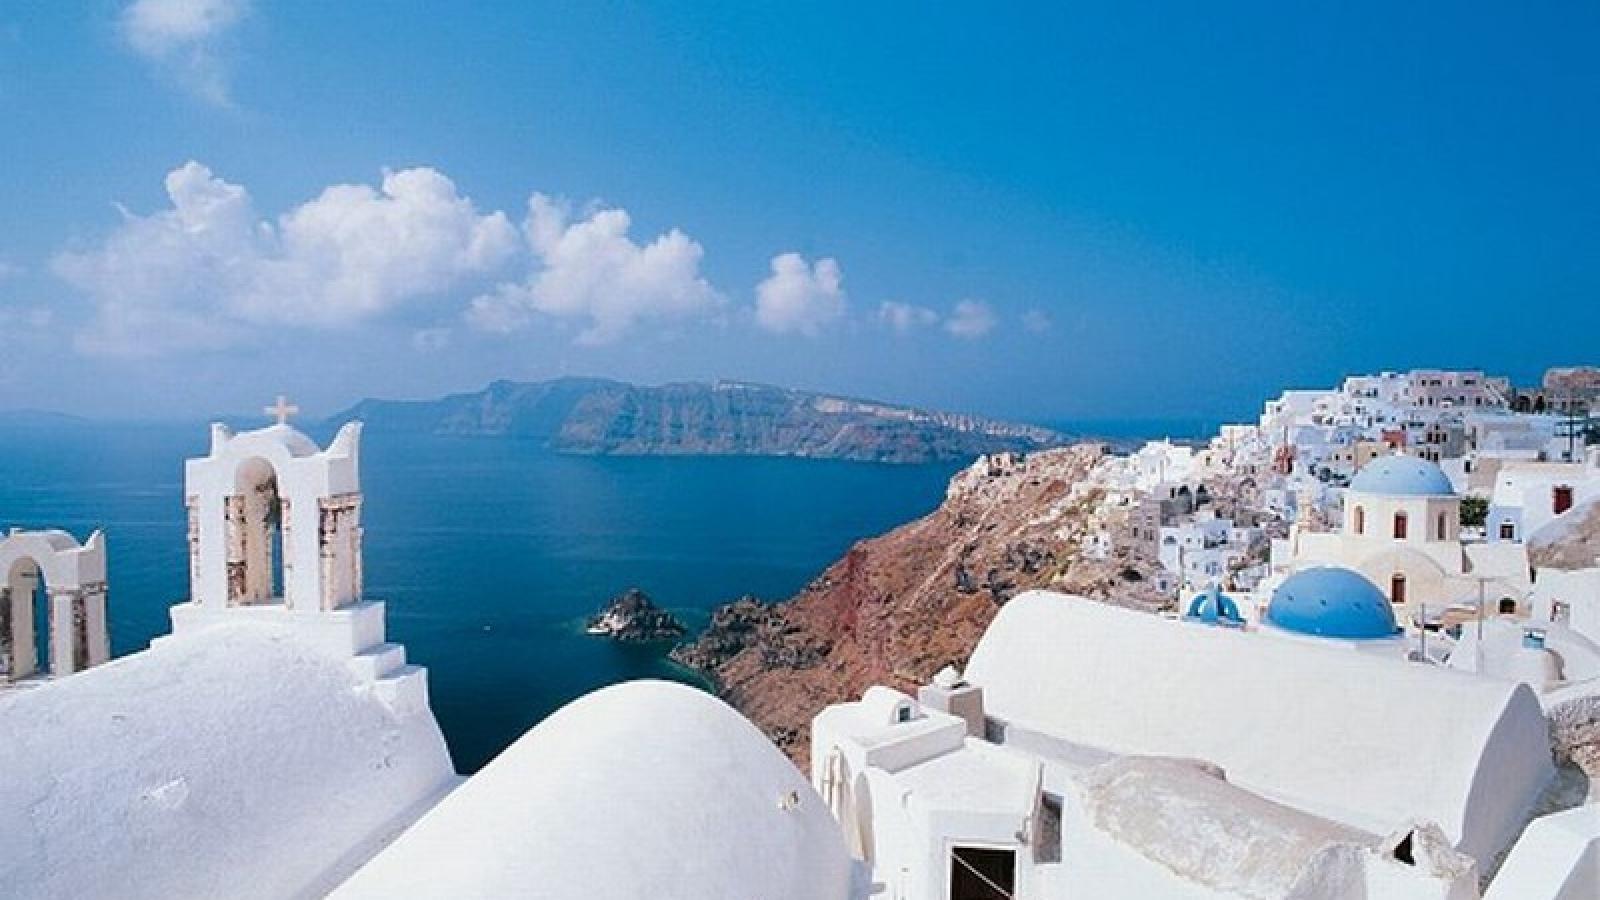 Hy Lạp lên kế hoạch mở cửa du lịch trong tháng 7/2020